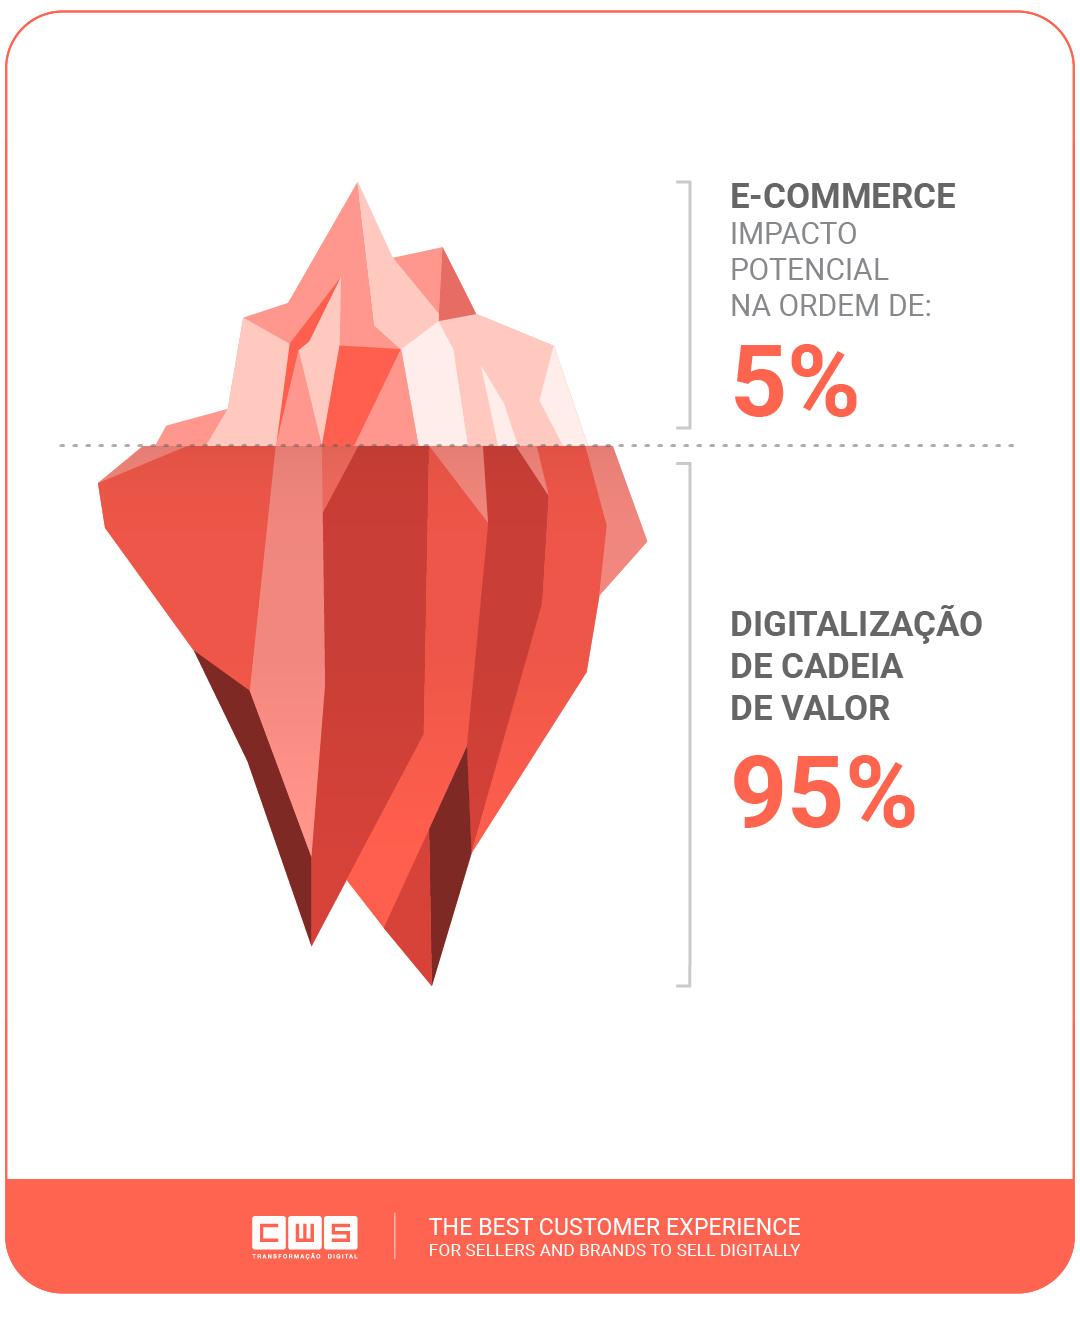 E-commerce - Impacto Potencial na ordem de 5% e Digitalização de cadeia de valor 95%